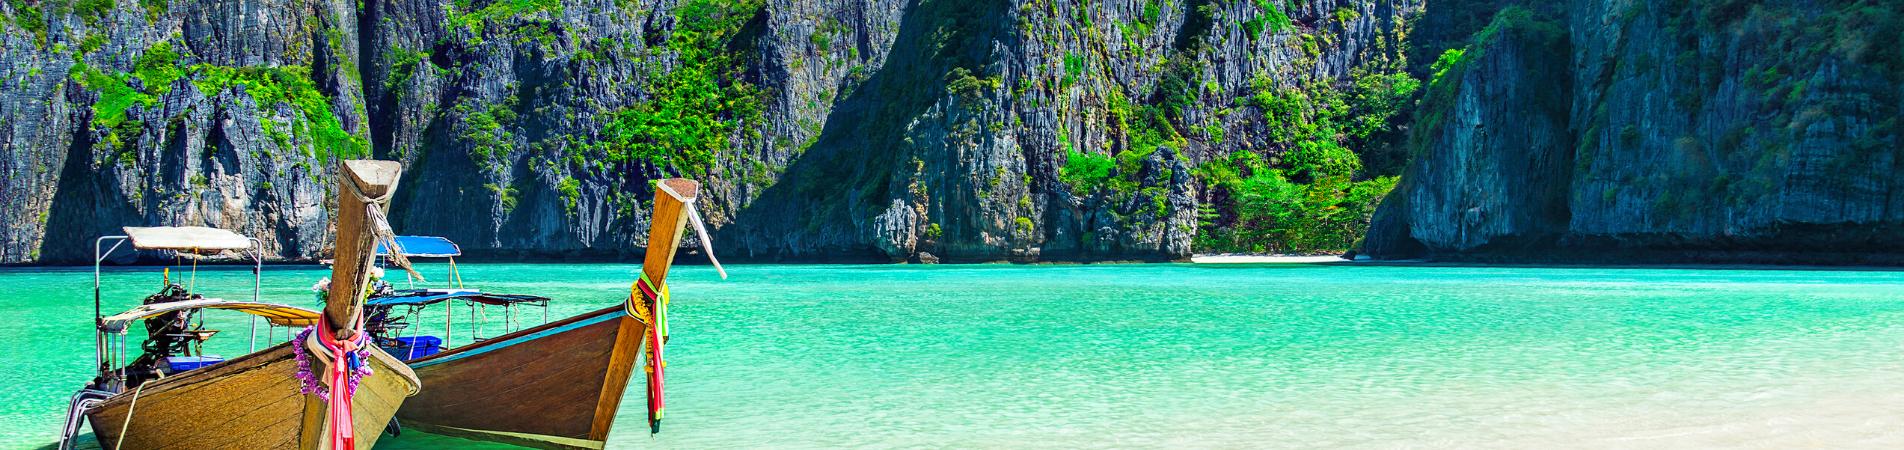 TRAUMURLAUB THAILAND buchen I REISEWELT